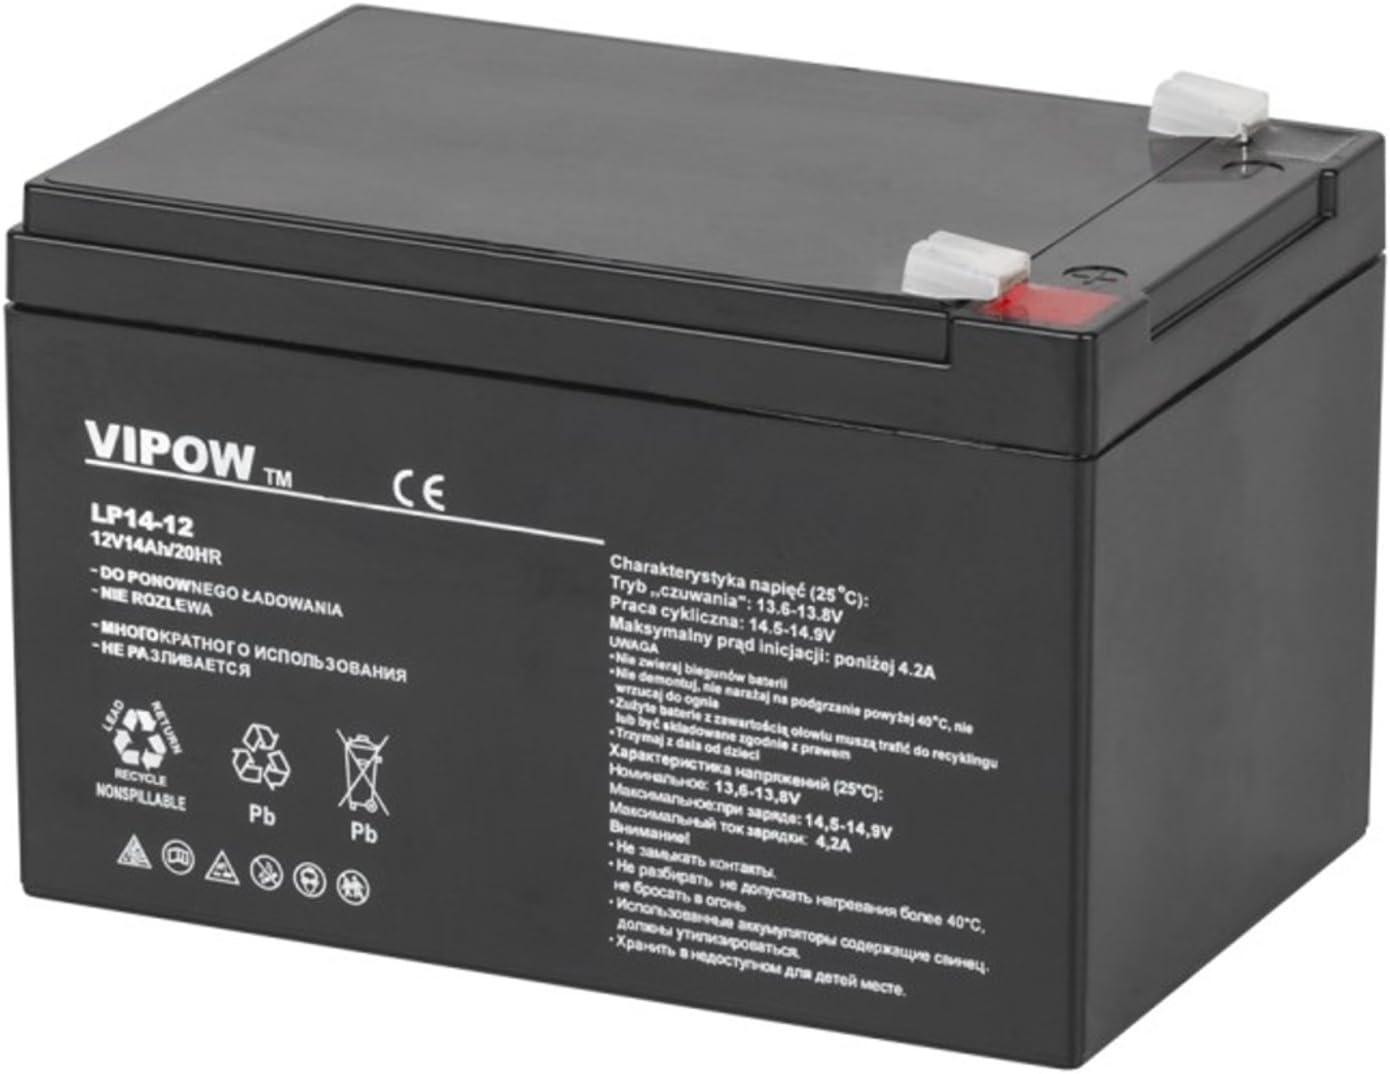 VIPOW bat0217 batterie au ploMB-gel 12V 14Ah sans entretien